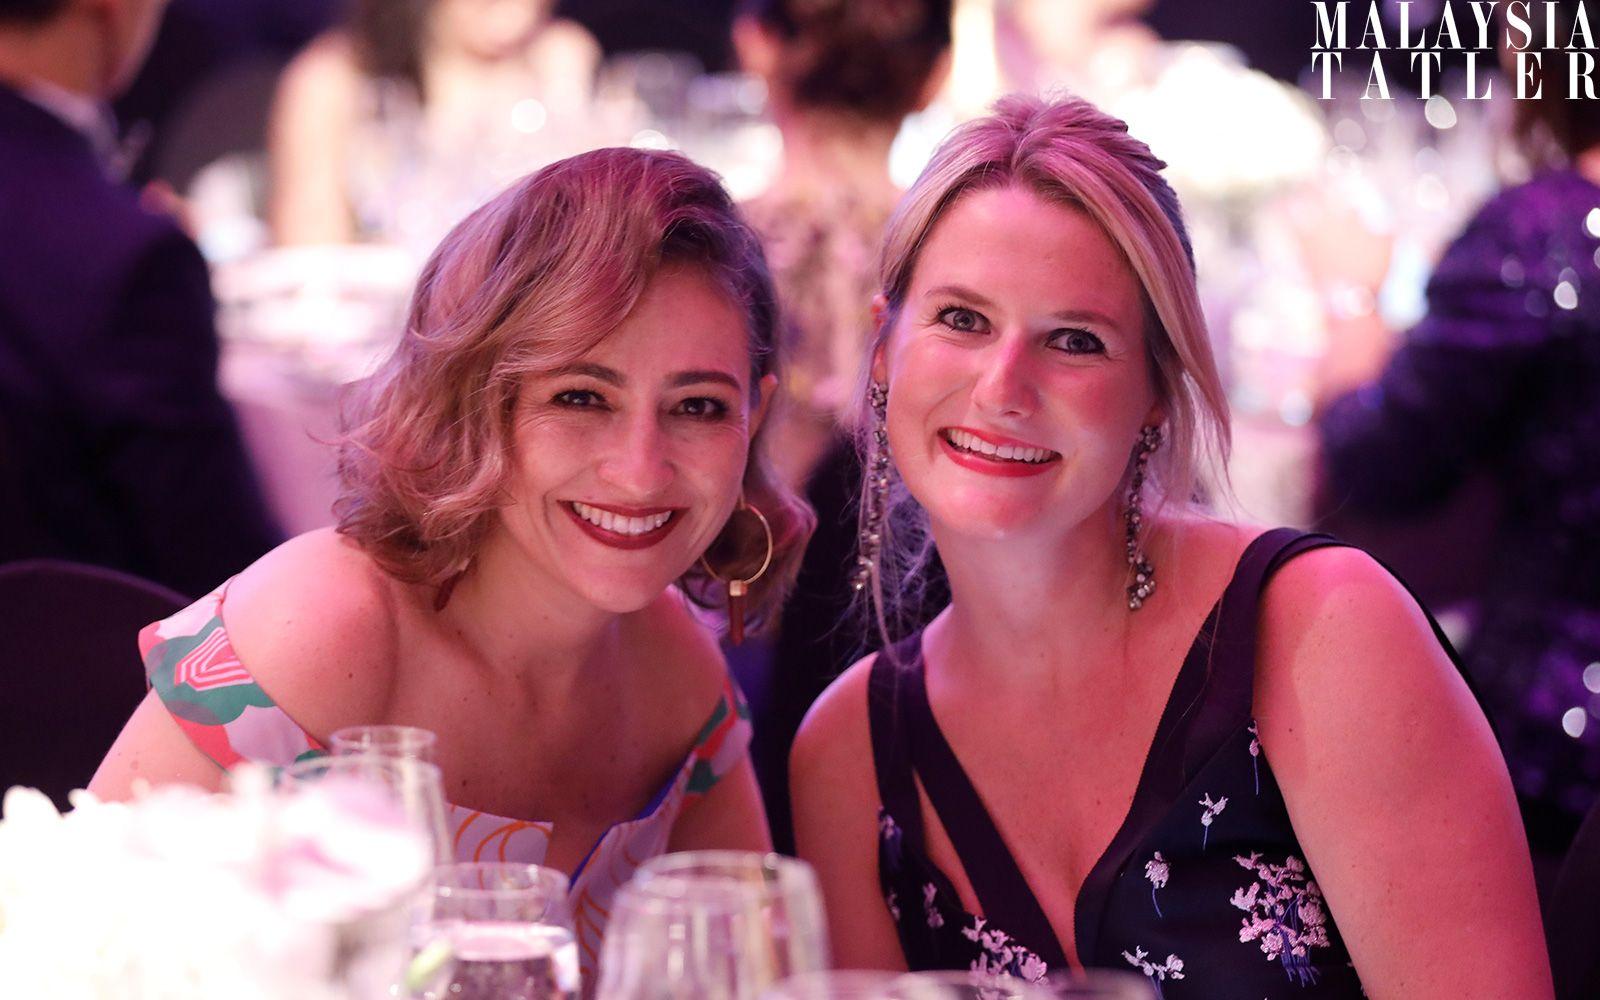 Lisette Scheers and Zoe Chaplin